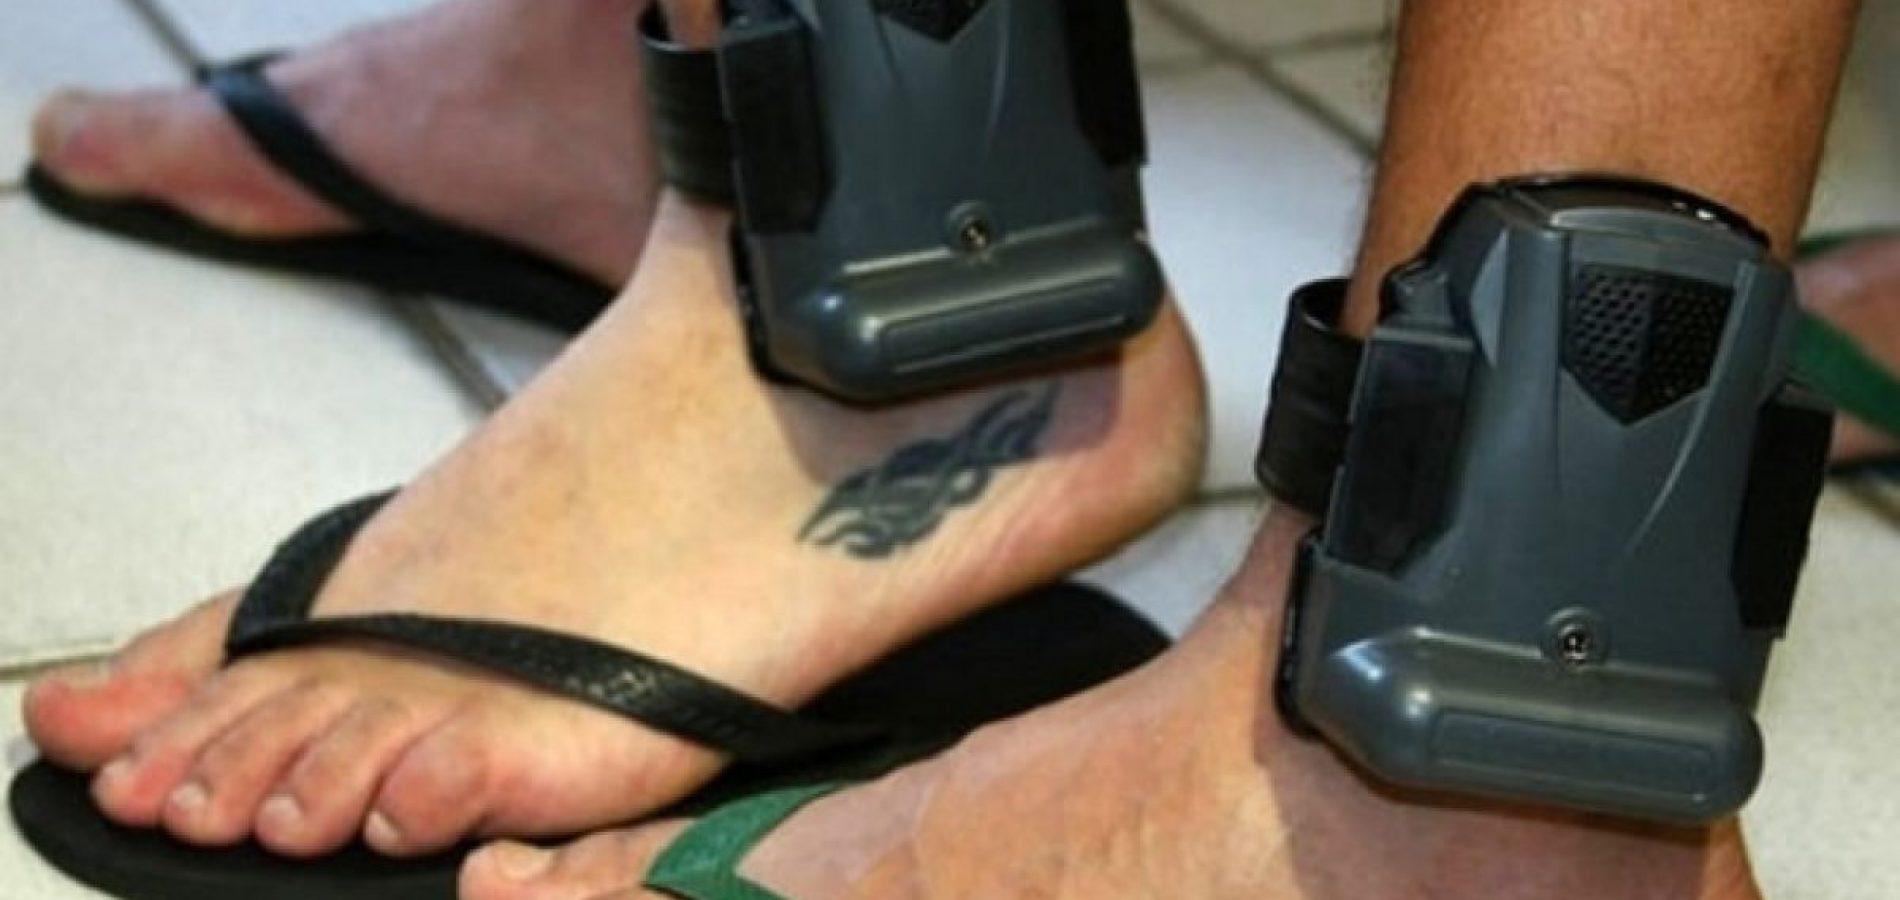 Presos devem custear a própria tornozeleira eletrônica no Piauí